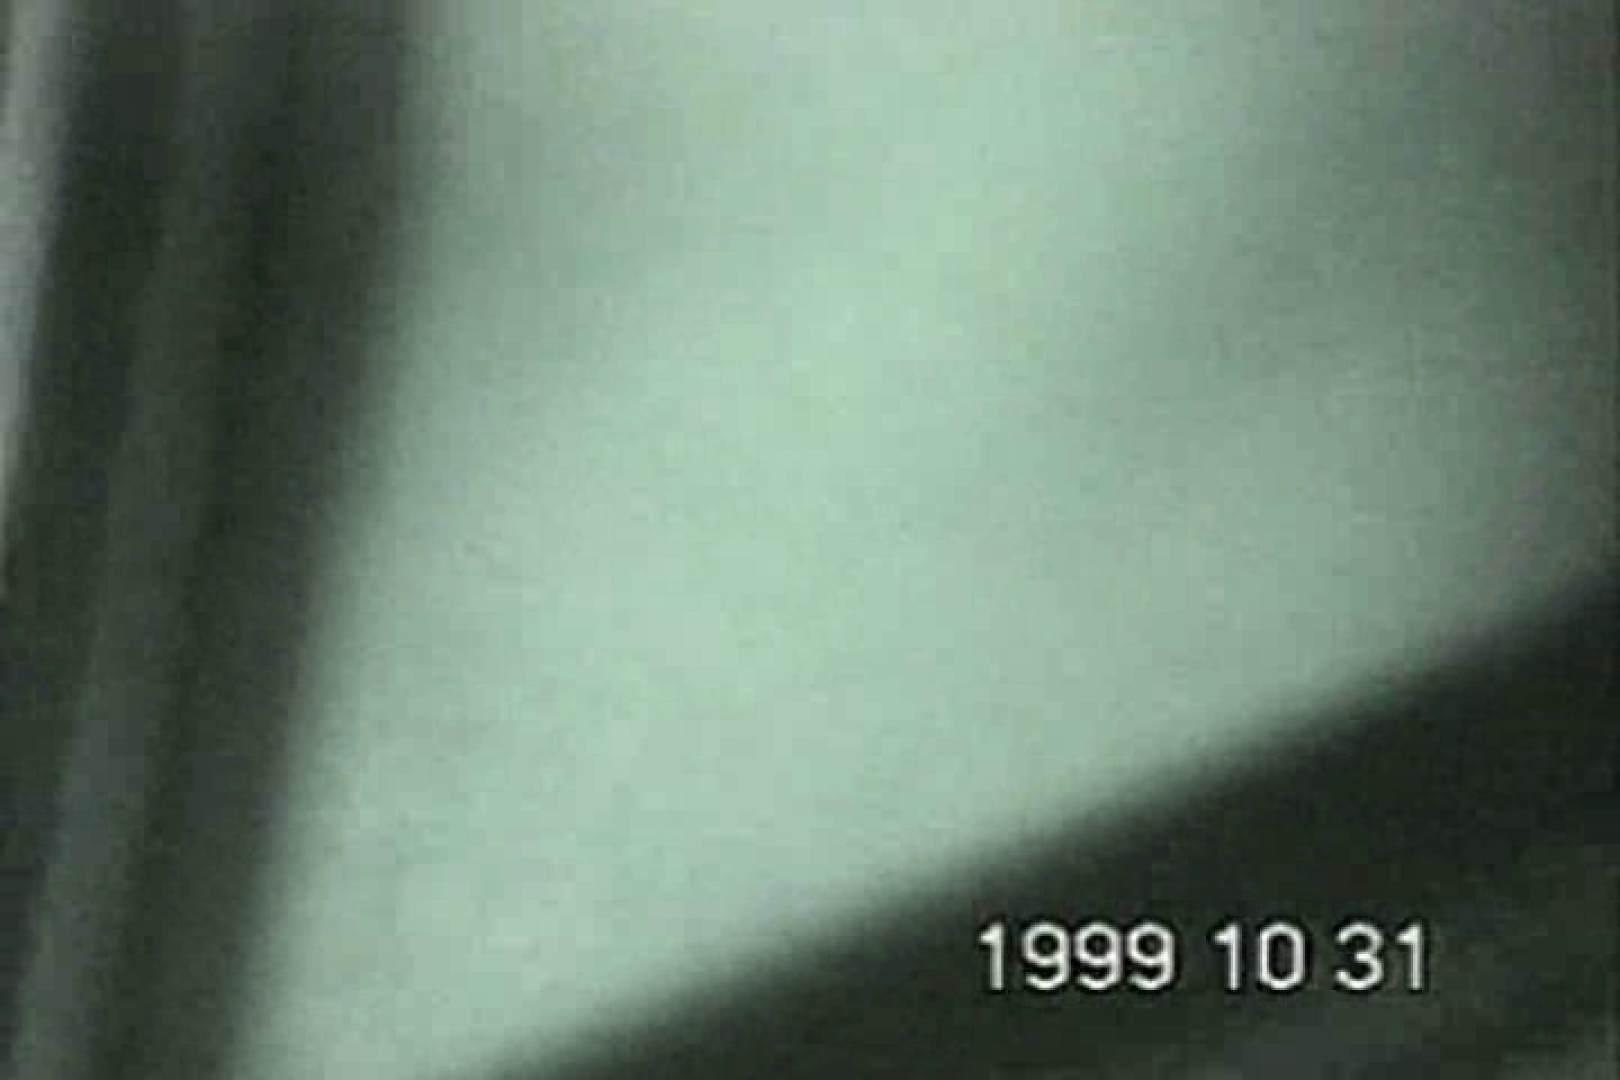 蔵出し!!赤外線カーセックスVol.6 エッチなセックス   素人はめどり  81画像 19